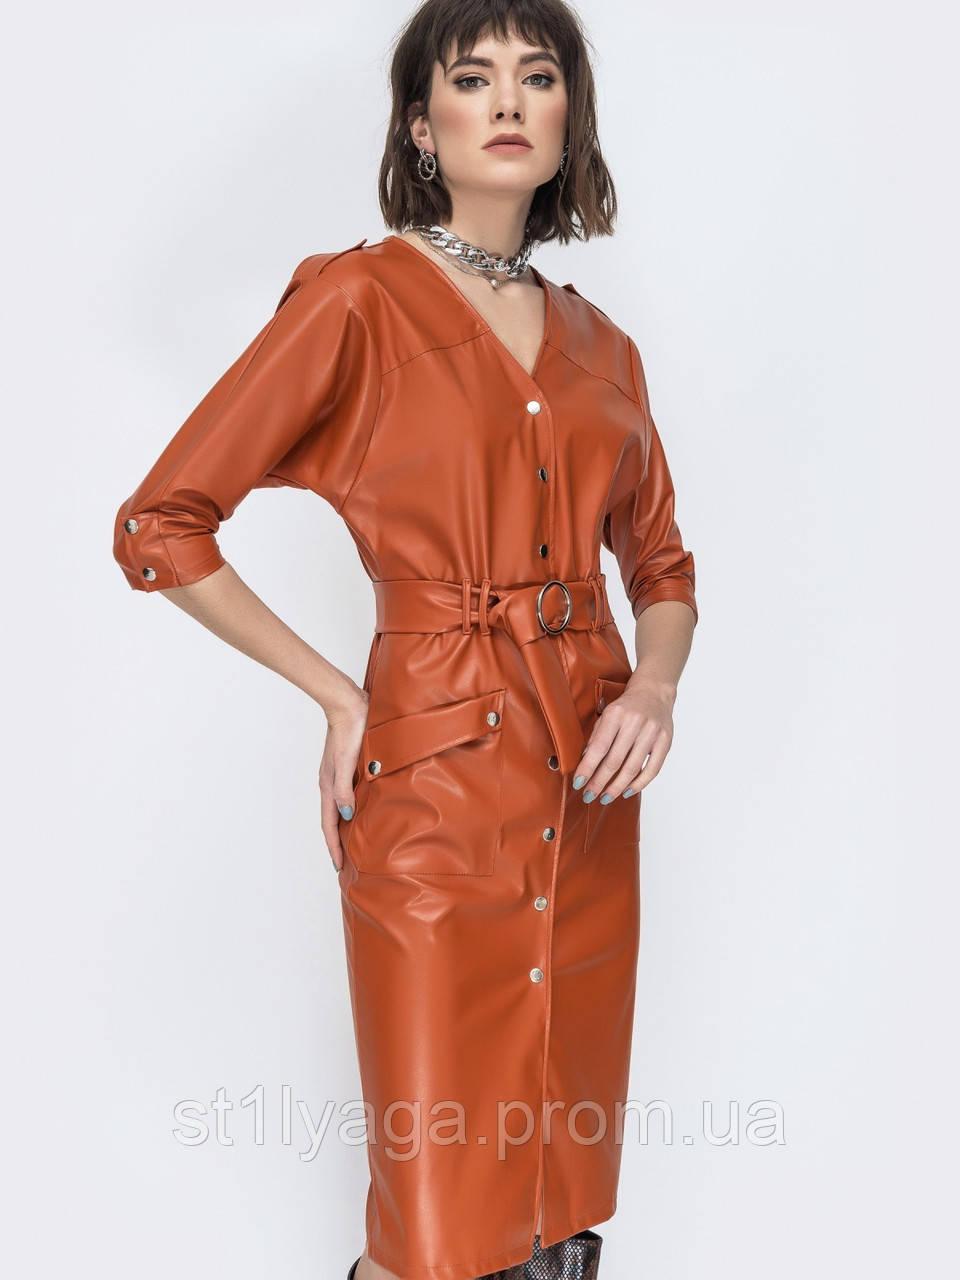 Кожаное платье на застежке кнопки и с рукавом три четверти